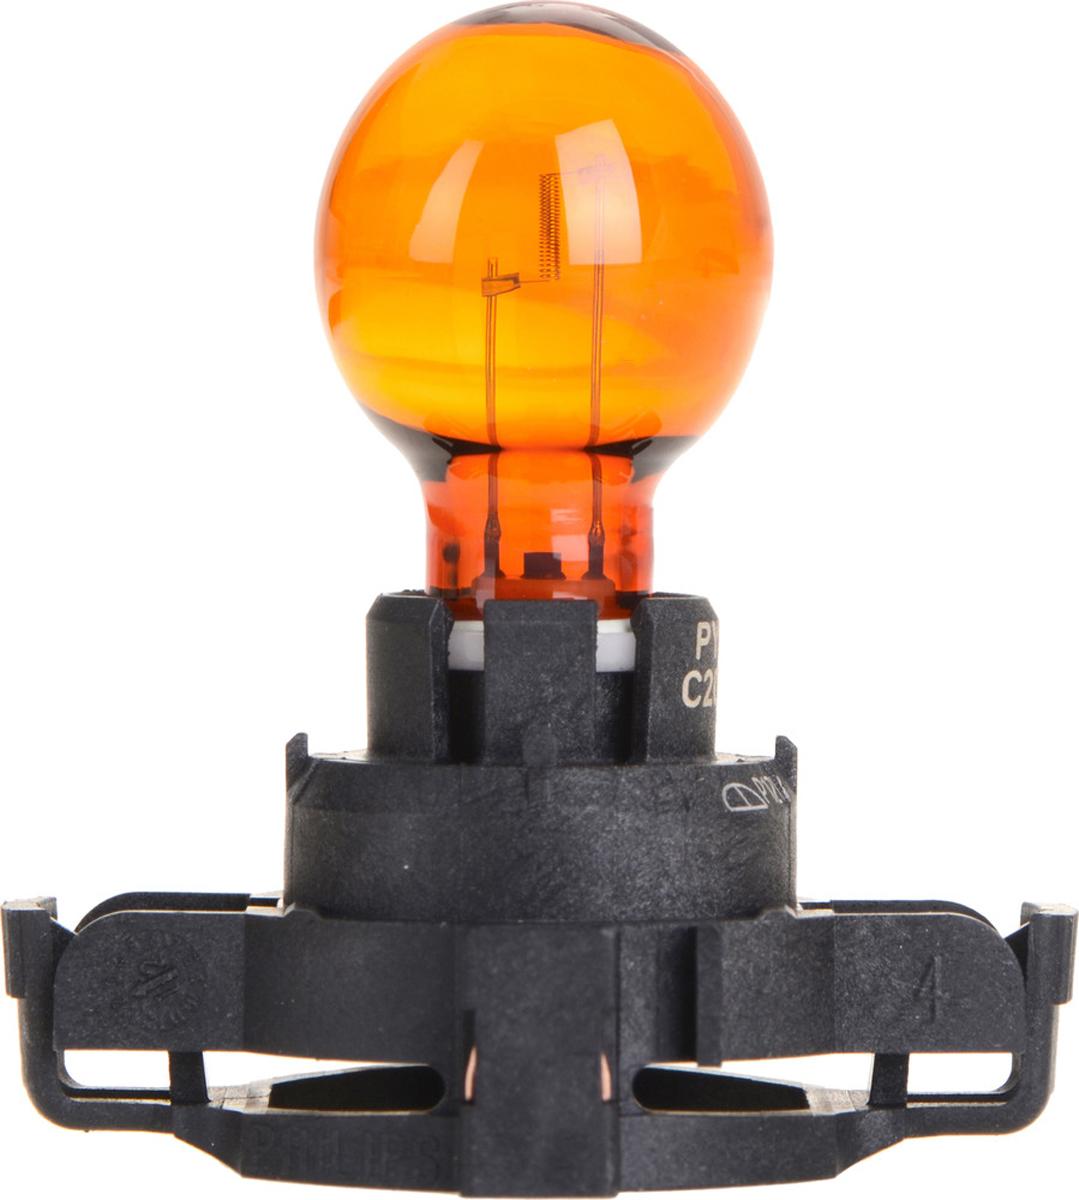 Лампа автомобильная галогенная Philips Vision, сигнальная, цоколь PY24W (PGU20/4), 12V, 24WPANTERA SPX-2RSАвтомобильная лампа Philips Vision изготовлена из запатентованного кварцевого стекла с УФ-фильтром Philips Quartz Glass. Кварцевое стекло в отличие от обычного стекла выдерживает гораздо большее давление и больший перепад температур. При попадании влаги на работающую лампу, лампа не взрывается и продолжает работать. Лампа Philips Vision производит на 30% больше света по сравнению со стандартной лампой, благодаря чему стоп-сигналы или указатели поворота будут заметны с большего расстояния. Лампа Philips Vision отличается высокой эффективностью, соответствуя всем современным требованиям.